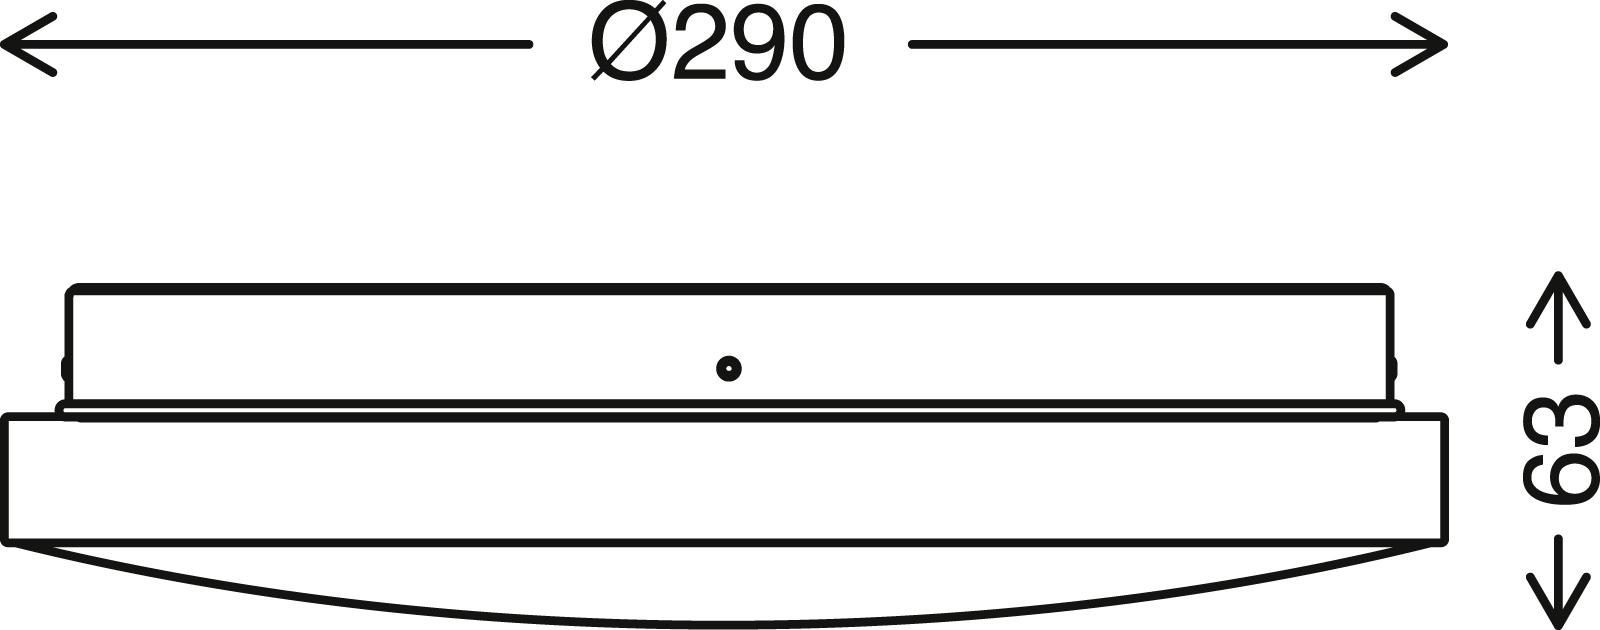 TELEFUNKEN Sensor LED Deckenleuchte, Ø 29 cm, 16 W, Weiss-Schwarz